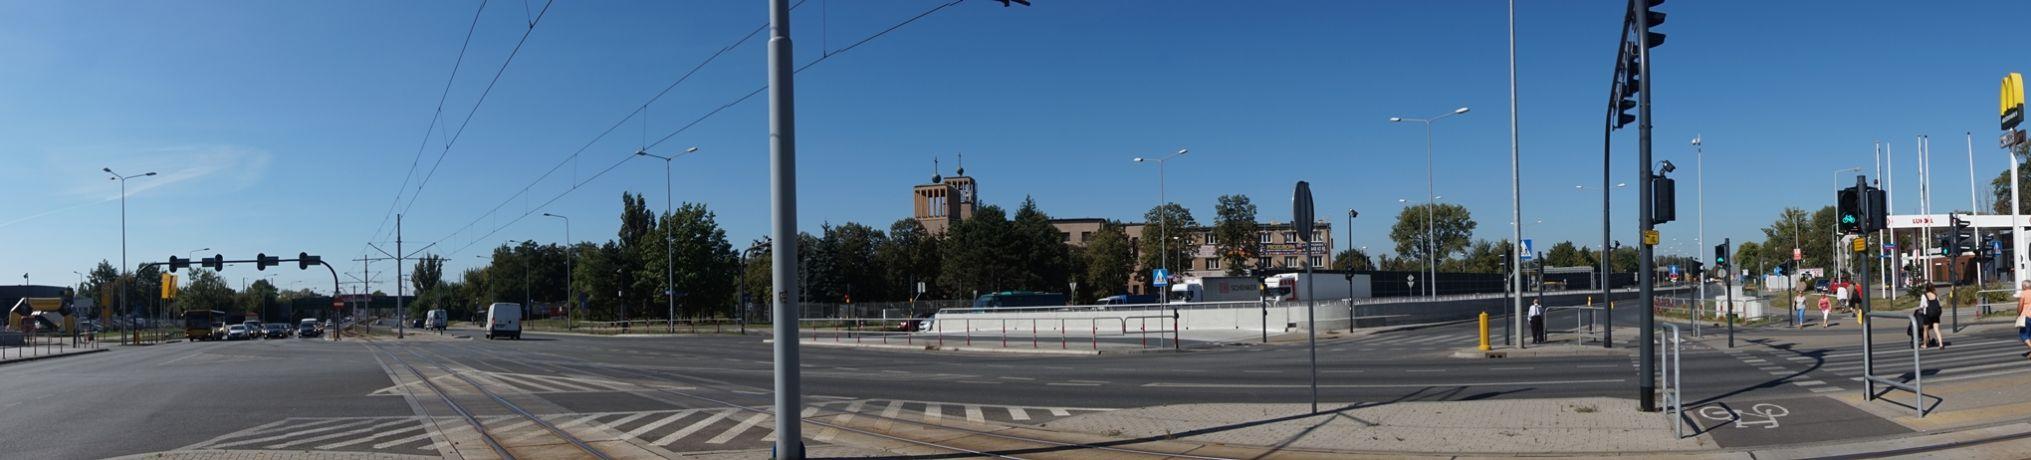 Pabianicka / Al. Jana Pawła II